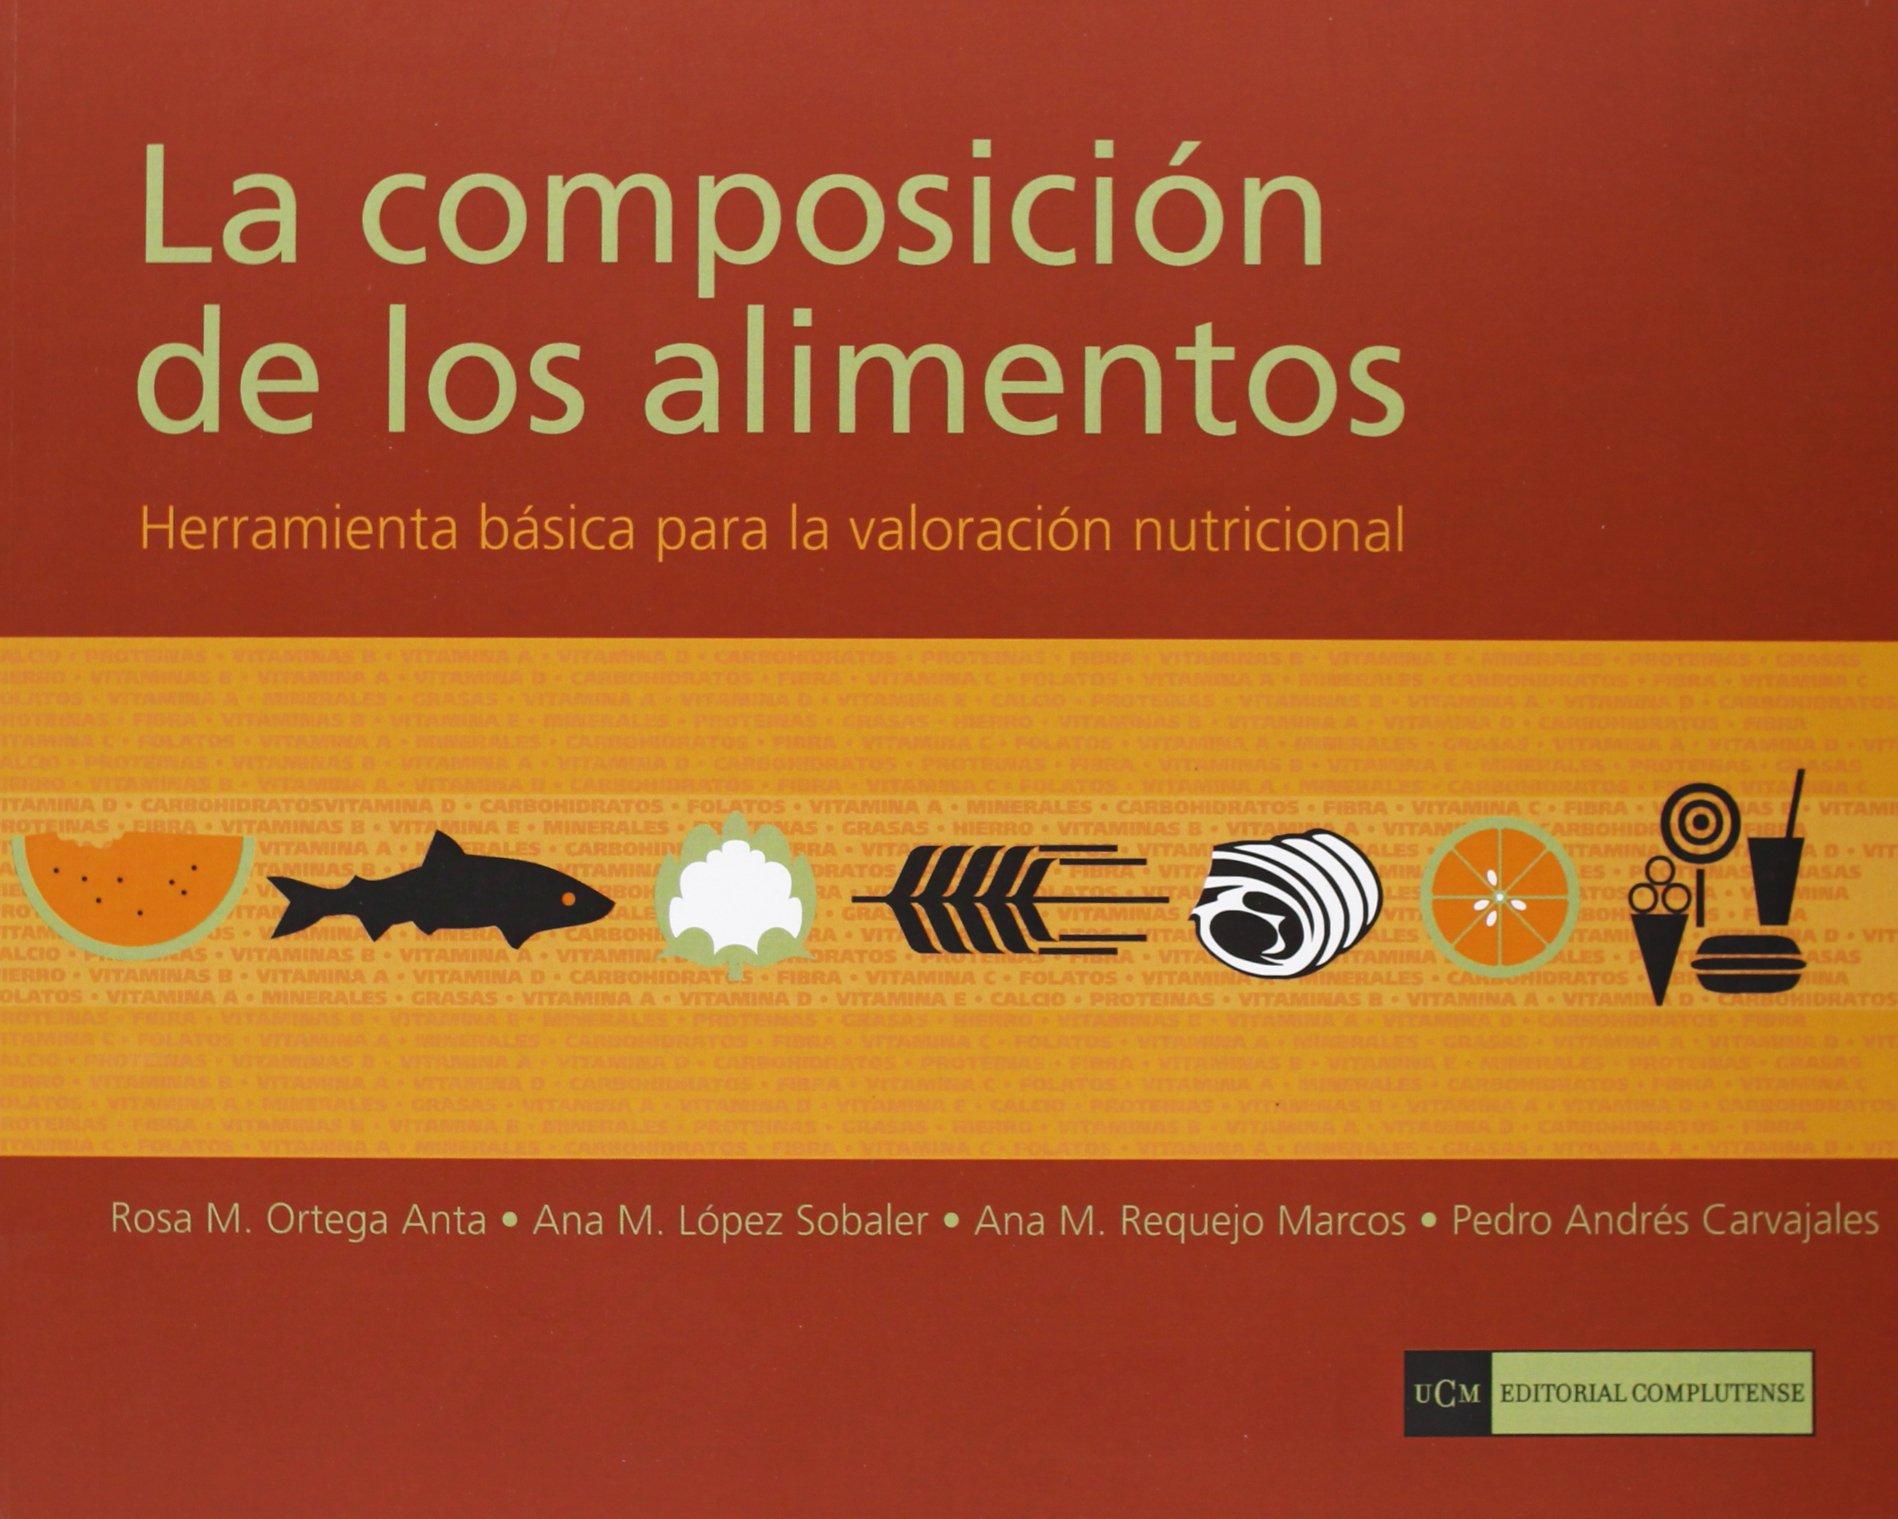 COMPOSICION DE LOS ALIMENTOS, LA: Rosa María Ortega Anta: 9788474917765: Amazon.com: Books